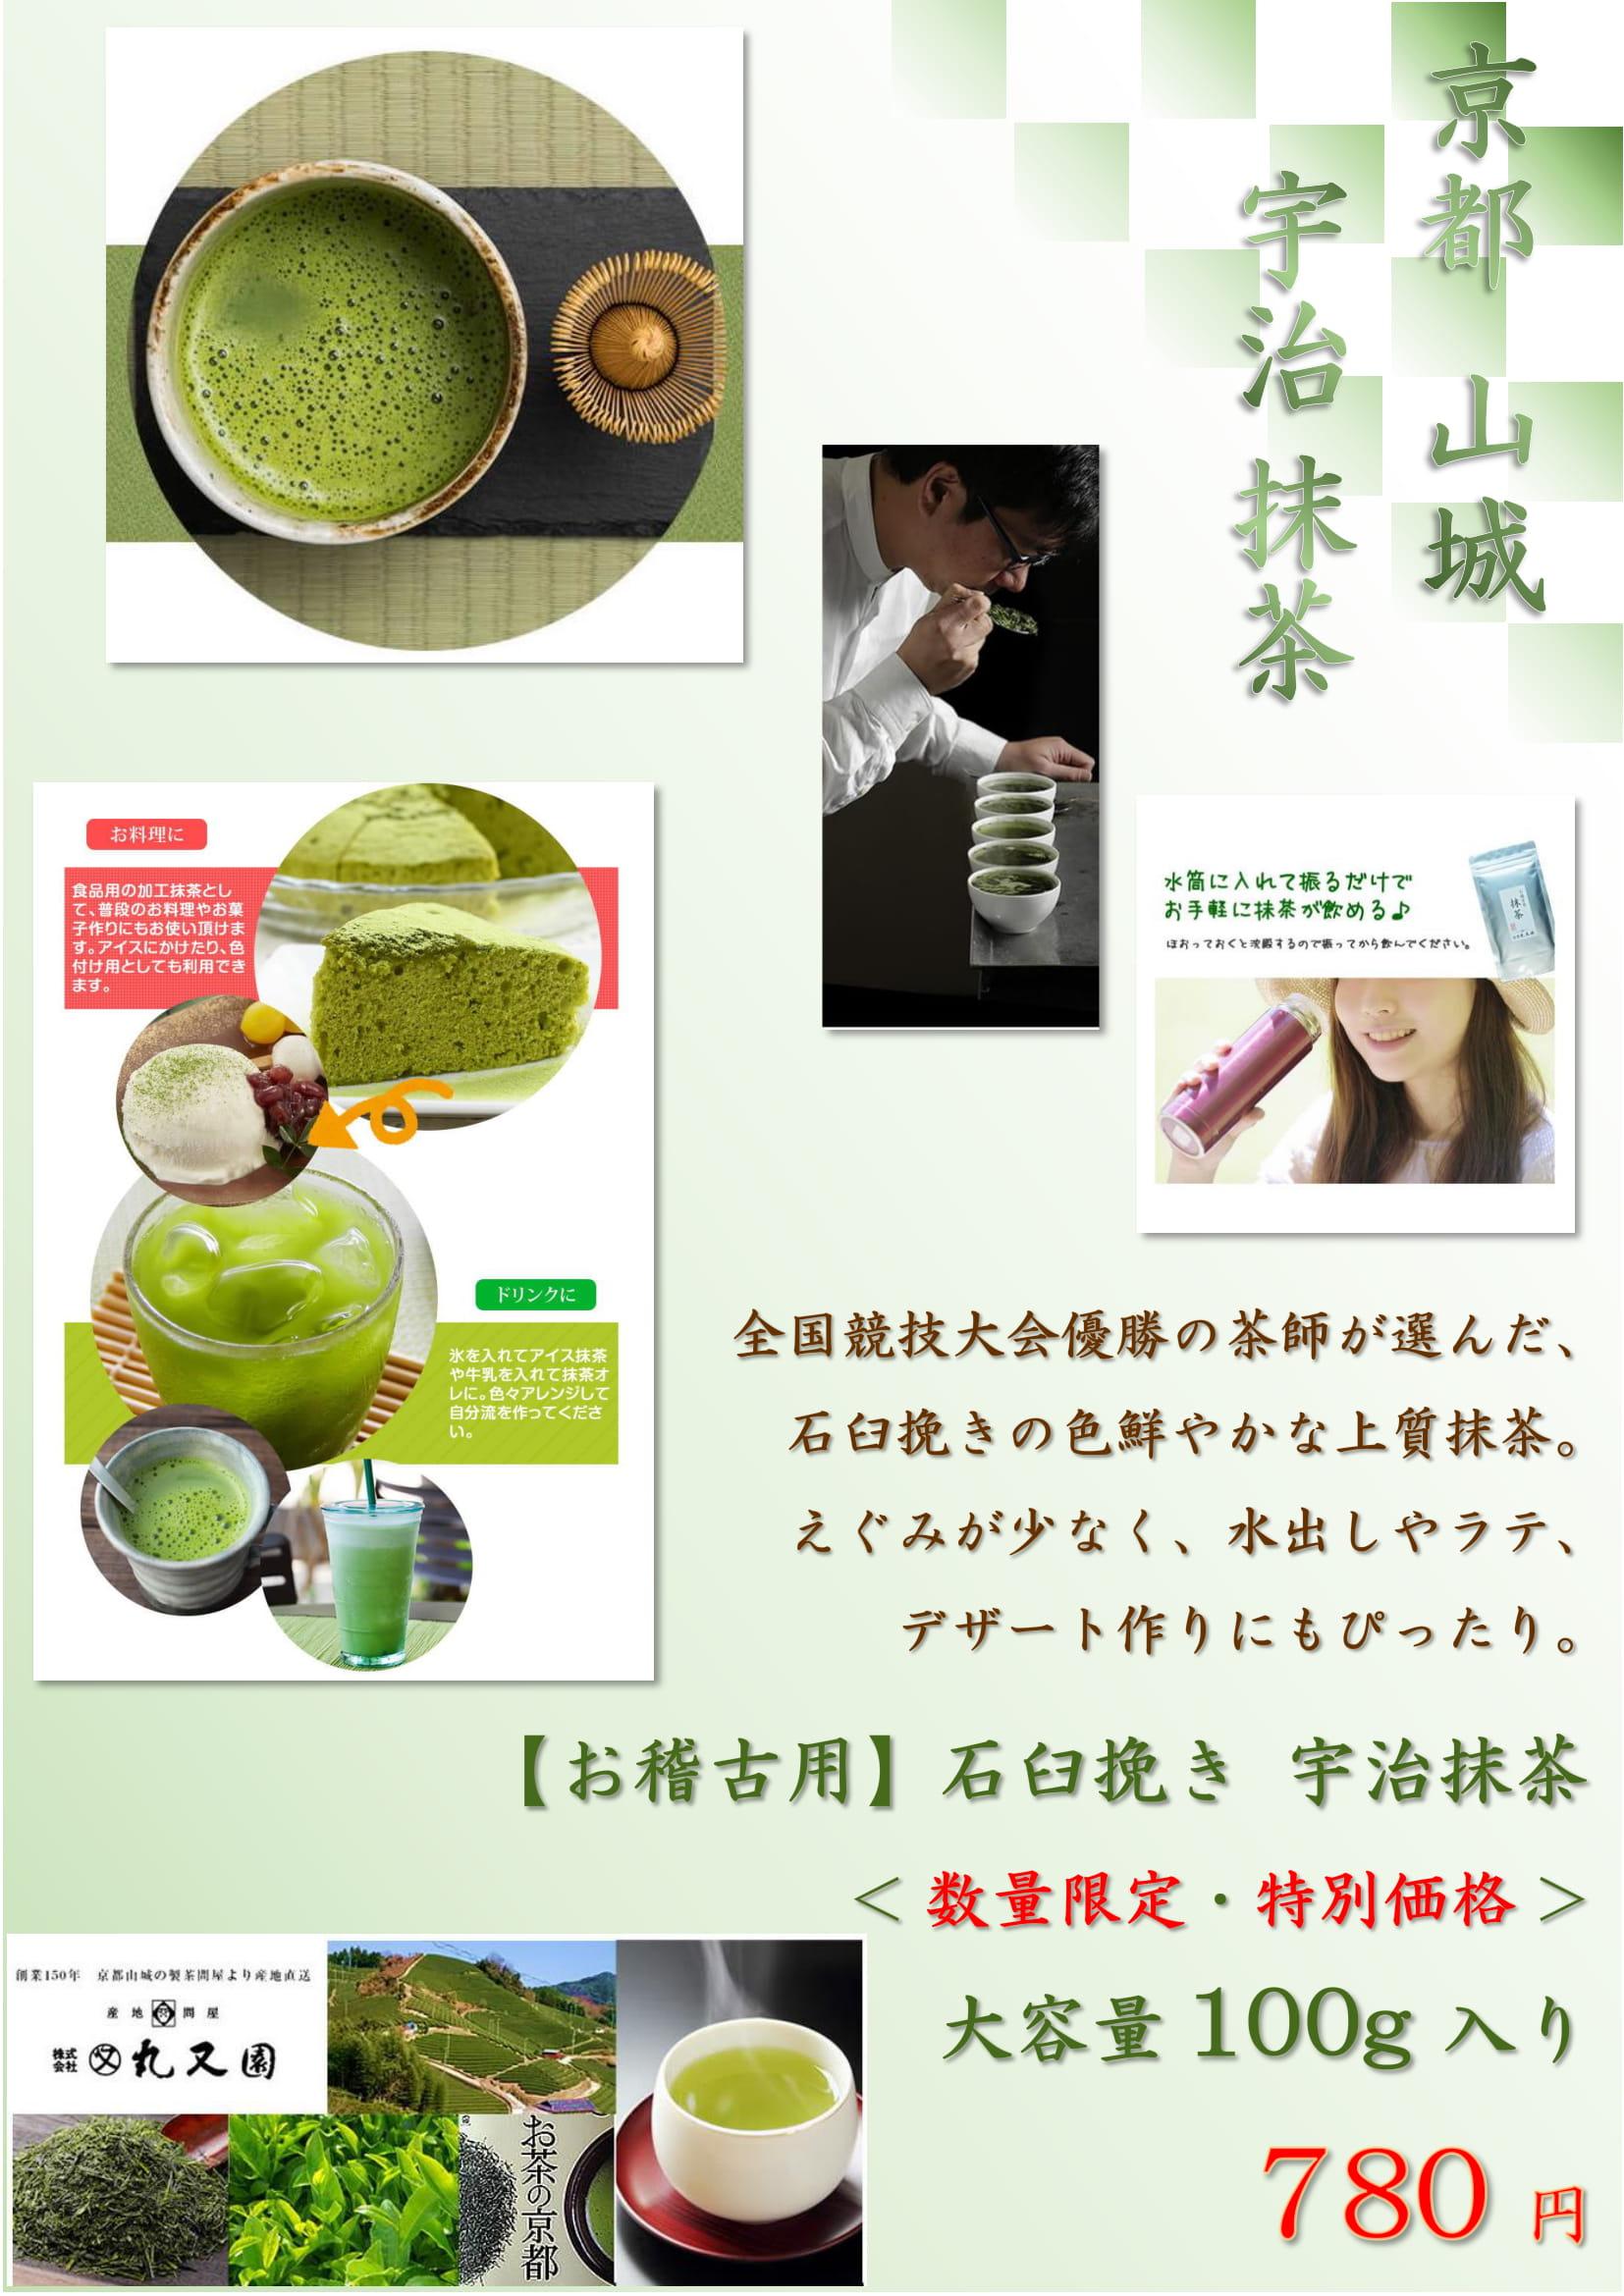 【馨乃里】抹茶フェア-1